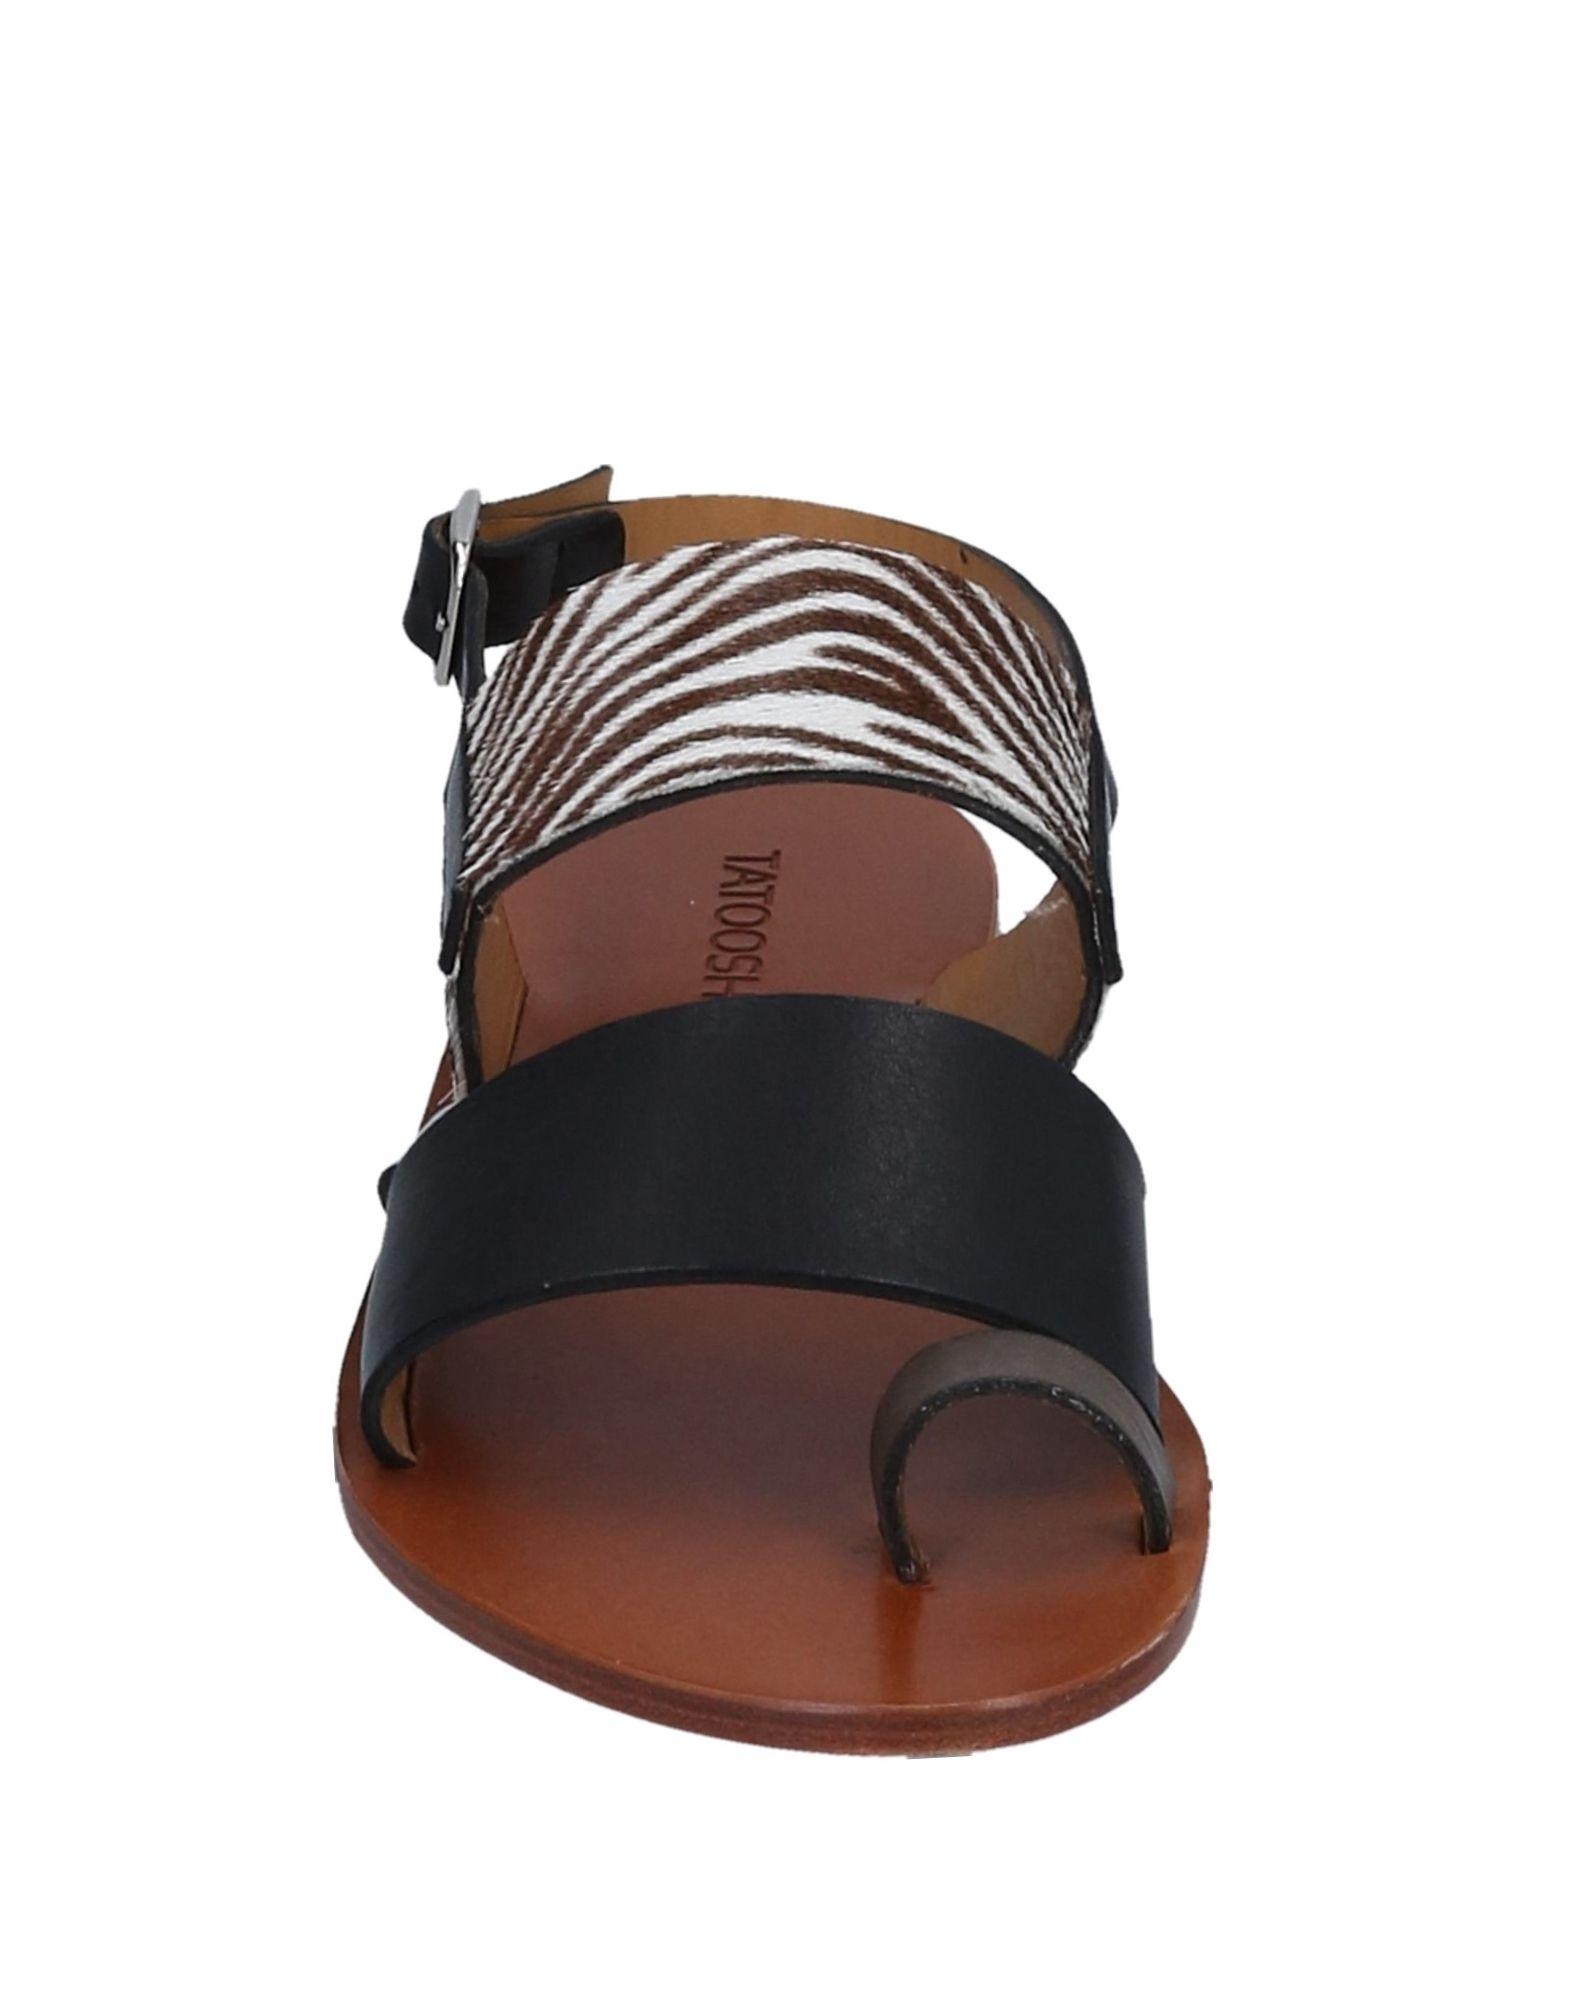 Tatoosh Dianetten Damen  11522178VS Schuhe Gute Qualität beliebte Schuhe 11522178VS 5b0ca4